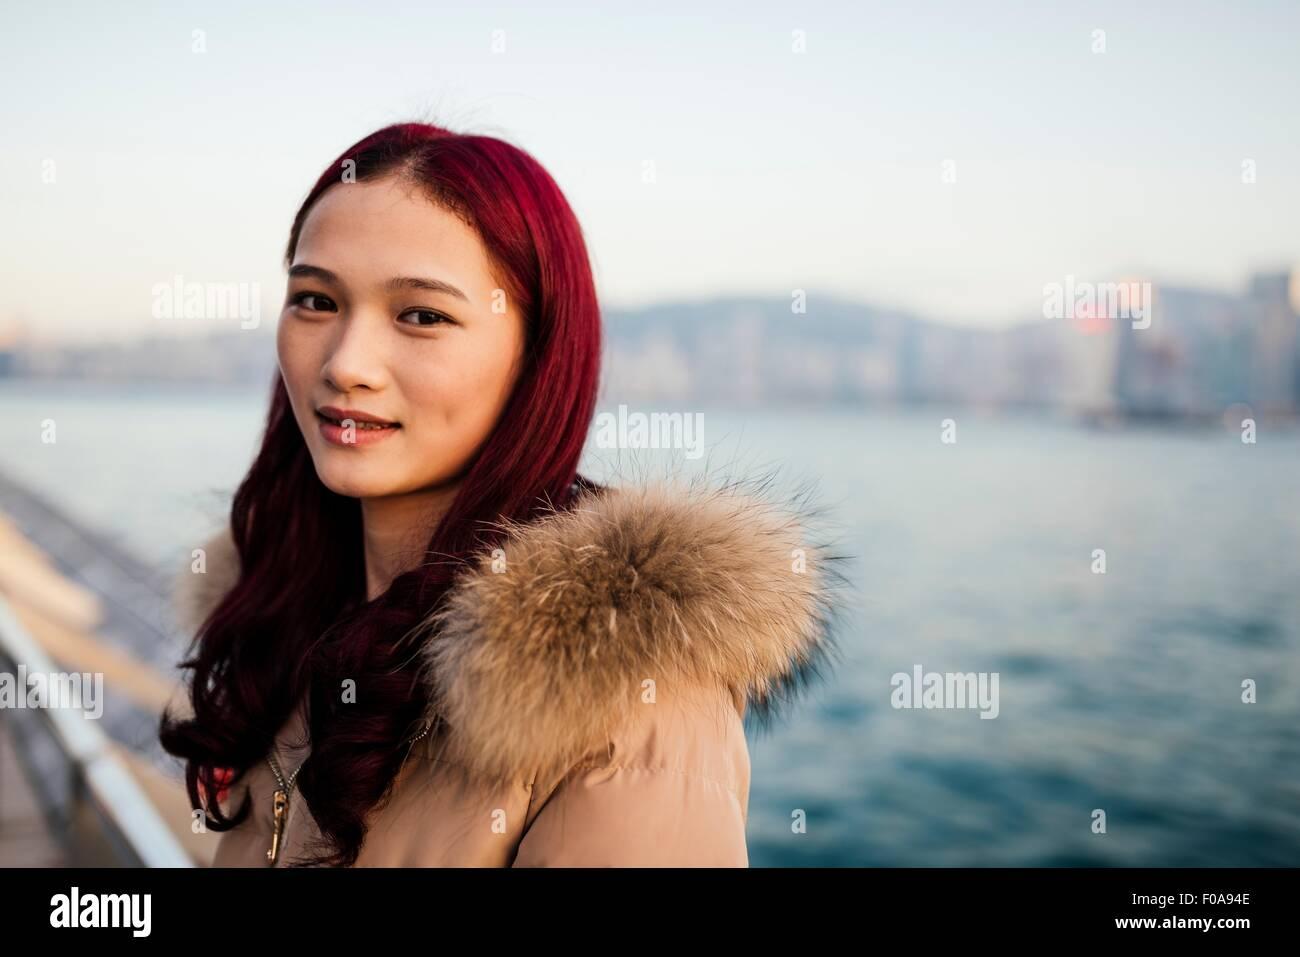 Portrait of young woman wearing fur trim manteau avec les cheveux teints en rouge en face de l'eau Photo Stock